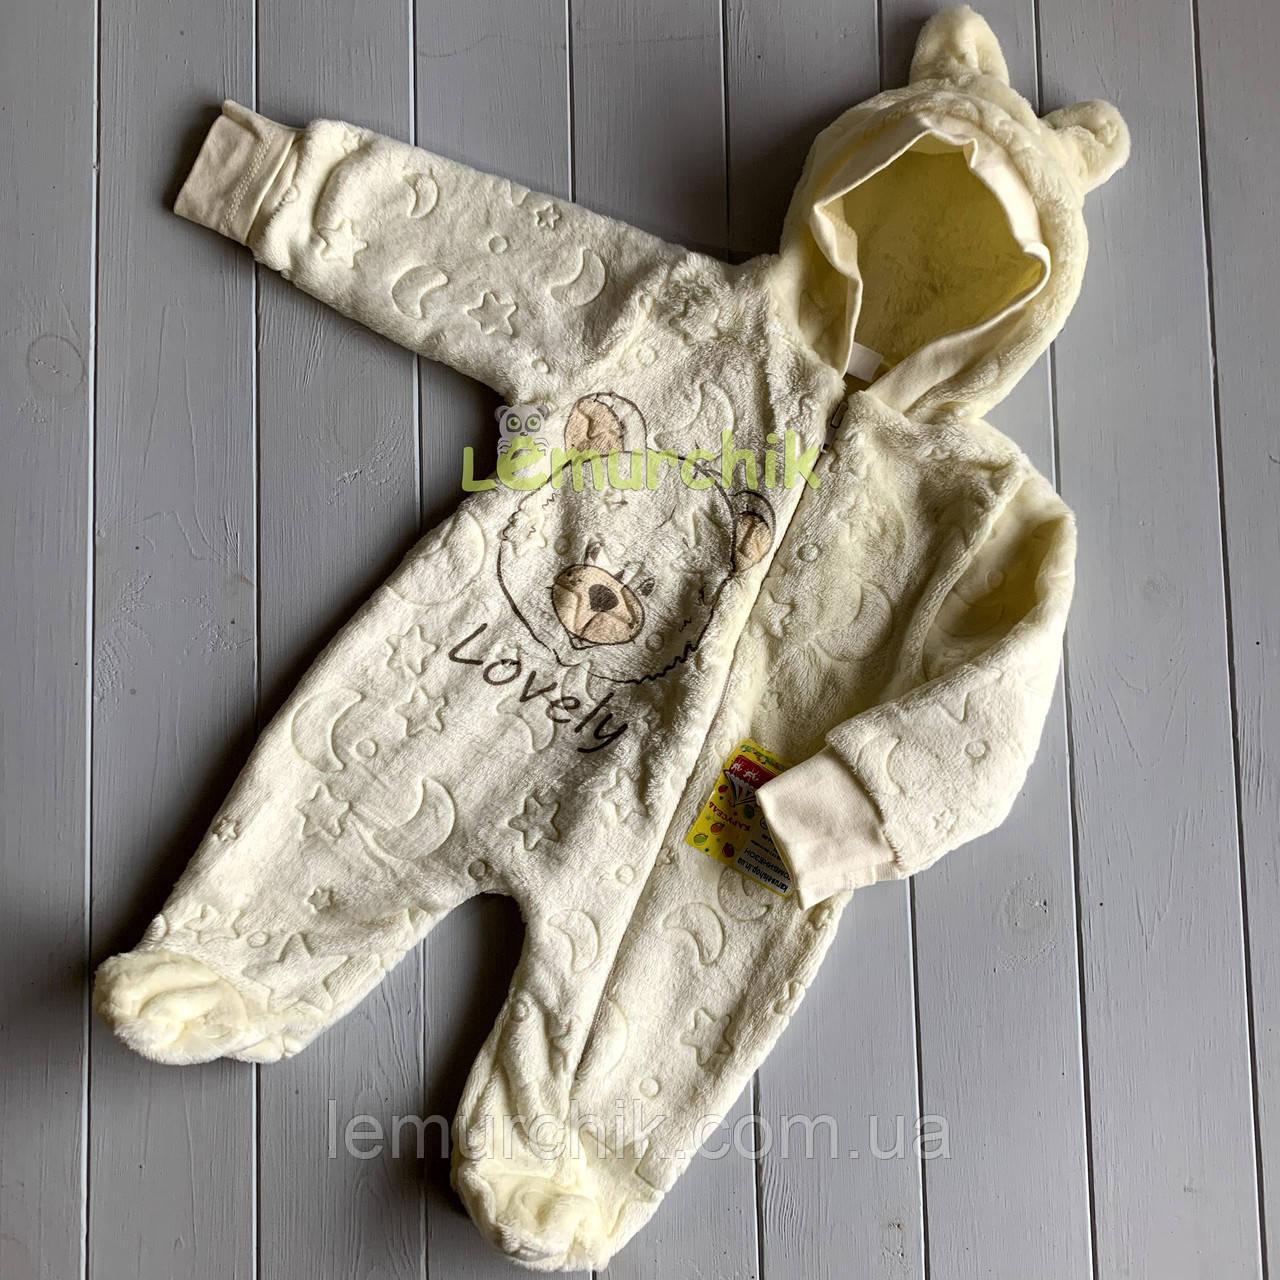 Чоловічок дитячий теплий Ведмедик молочний з капішоном і вушками, 0-3, 3-6, 6-9 міс.